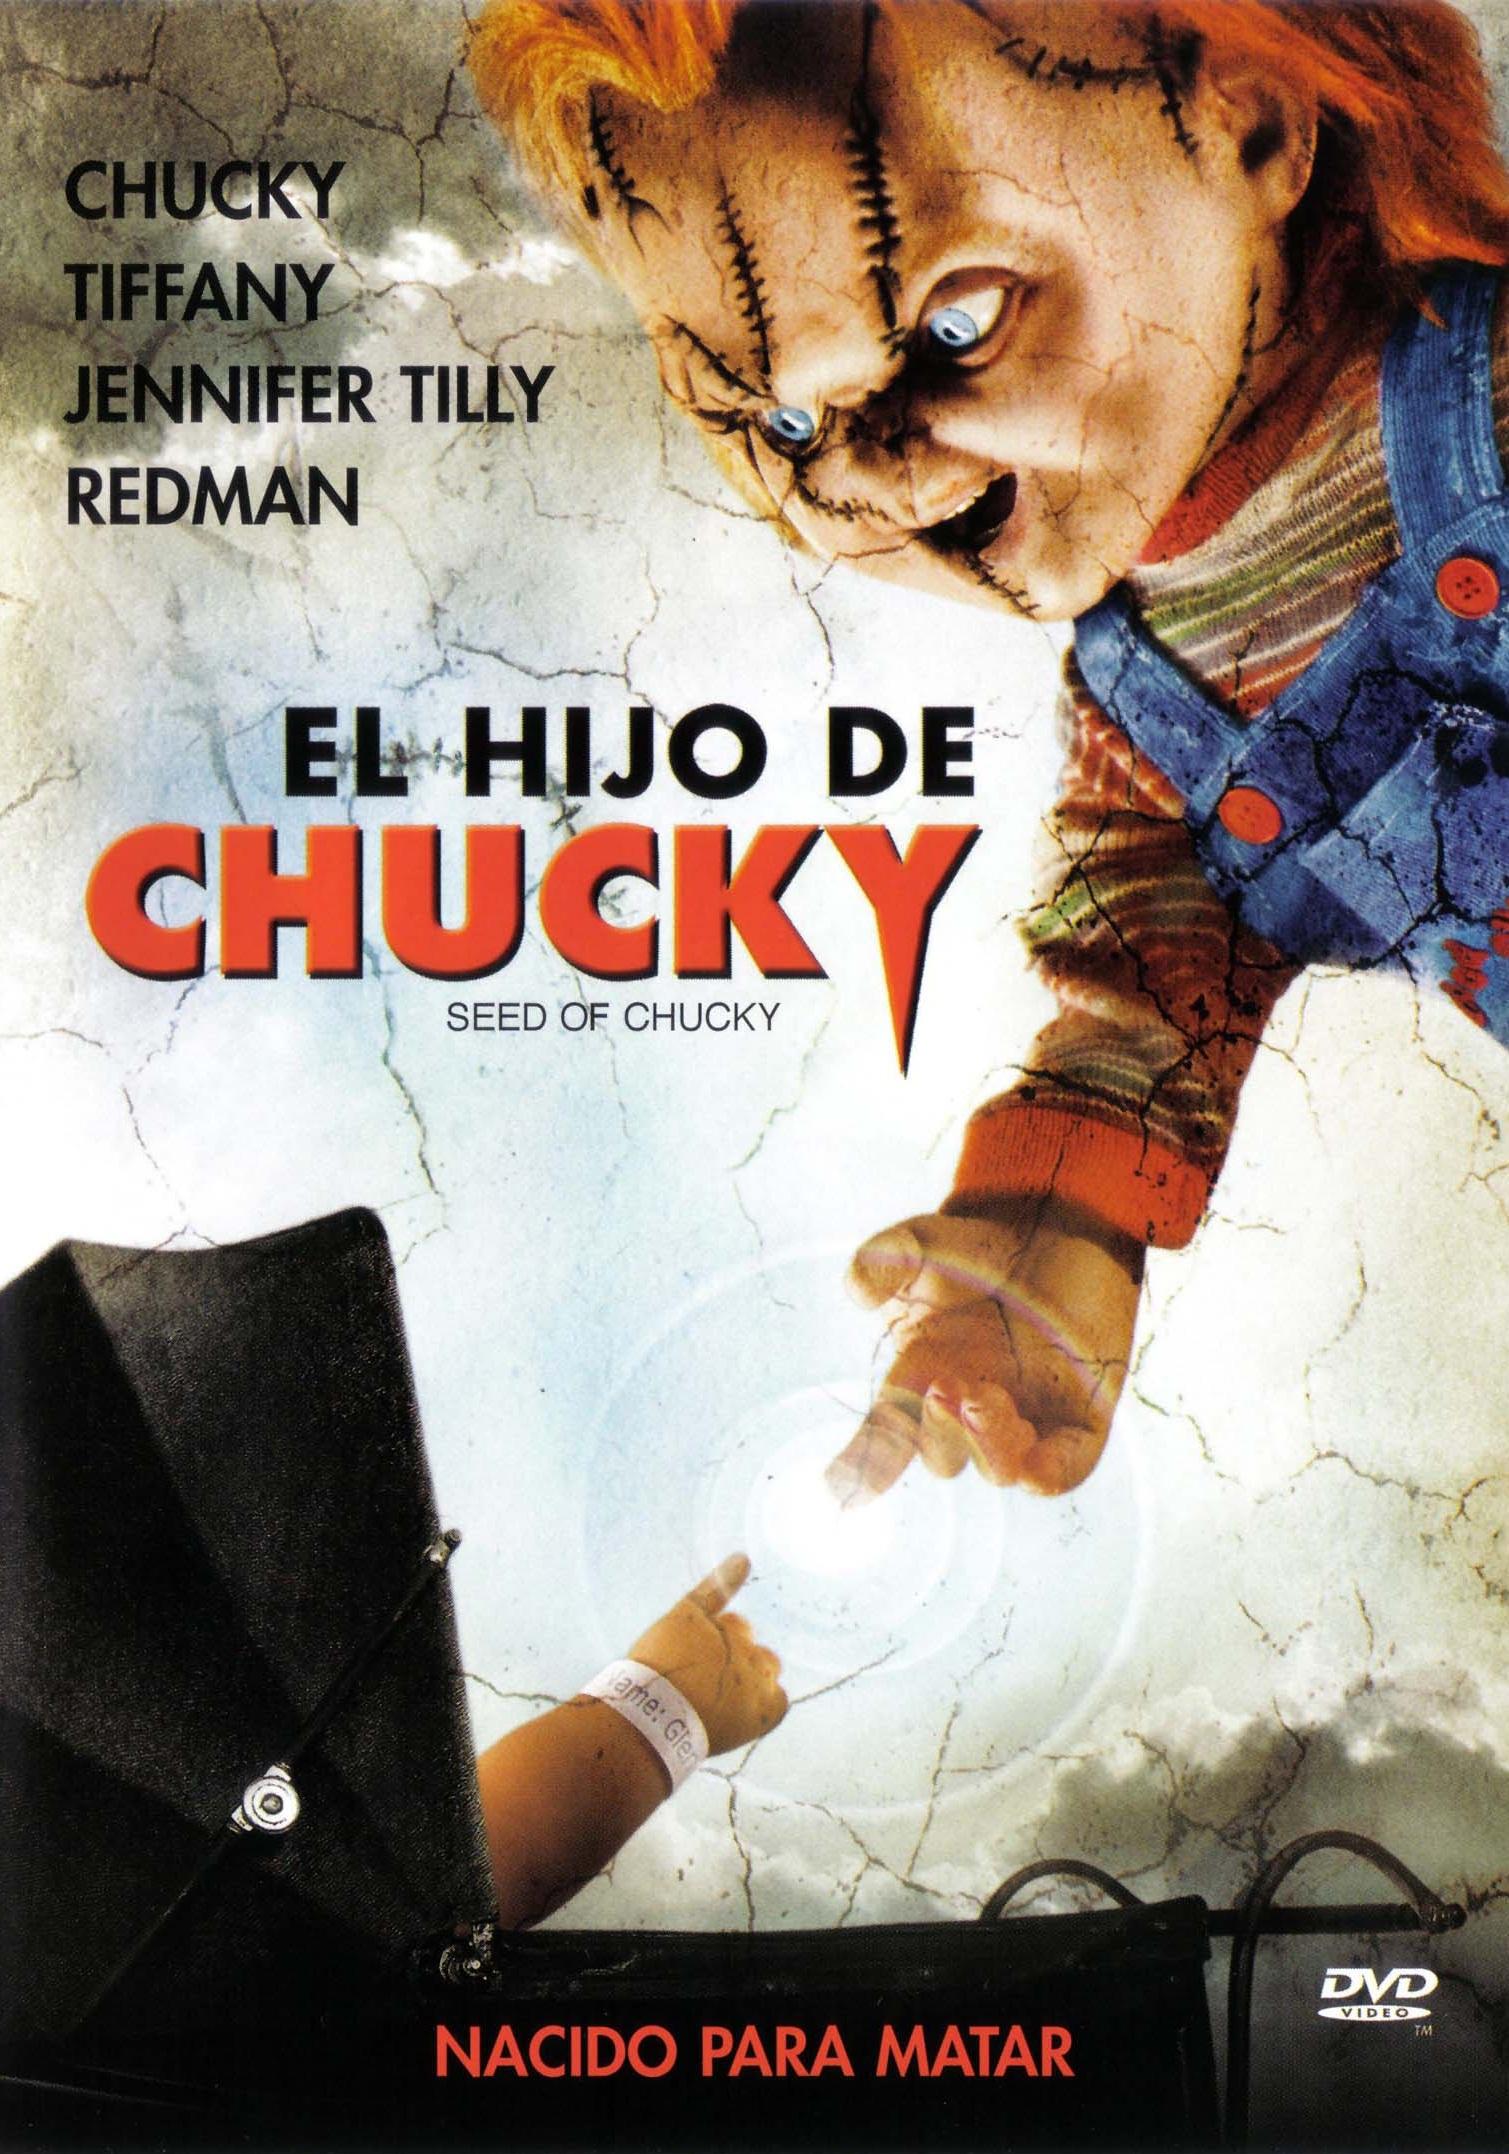 El hijo de Chucky